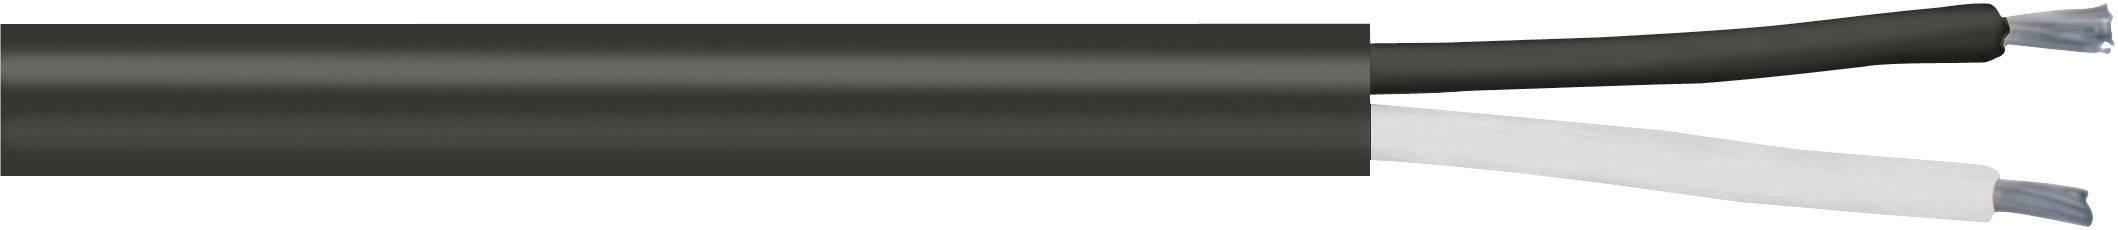 Termočlánkové vedení LappKabel 0163051, 2 x 0,22 mm², oranžová/bílá, 1 m